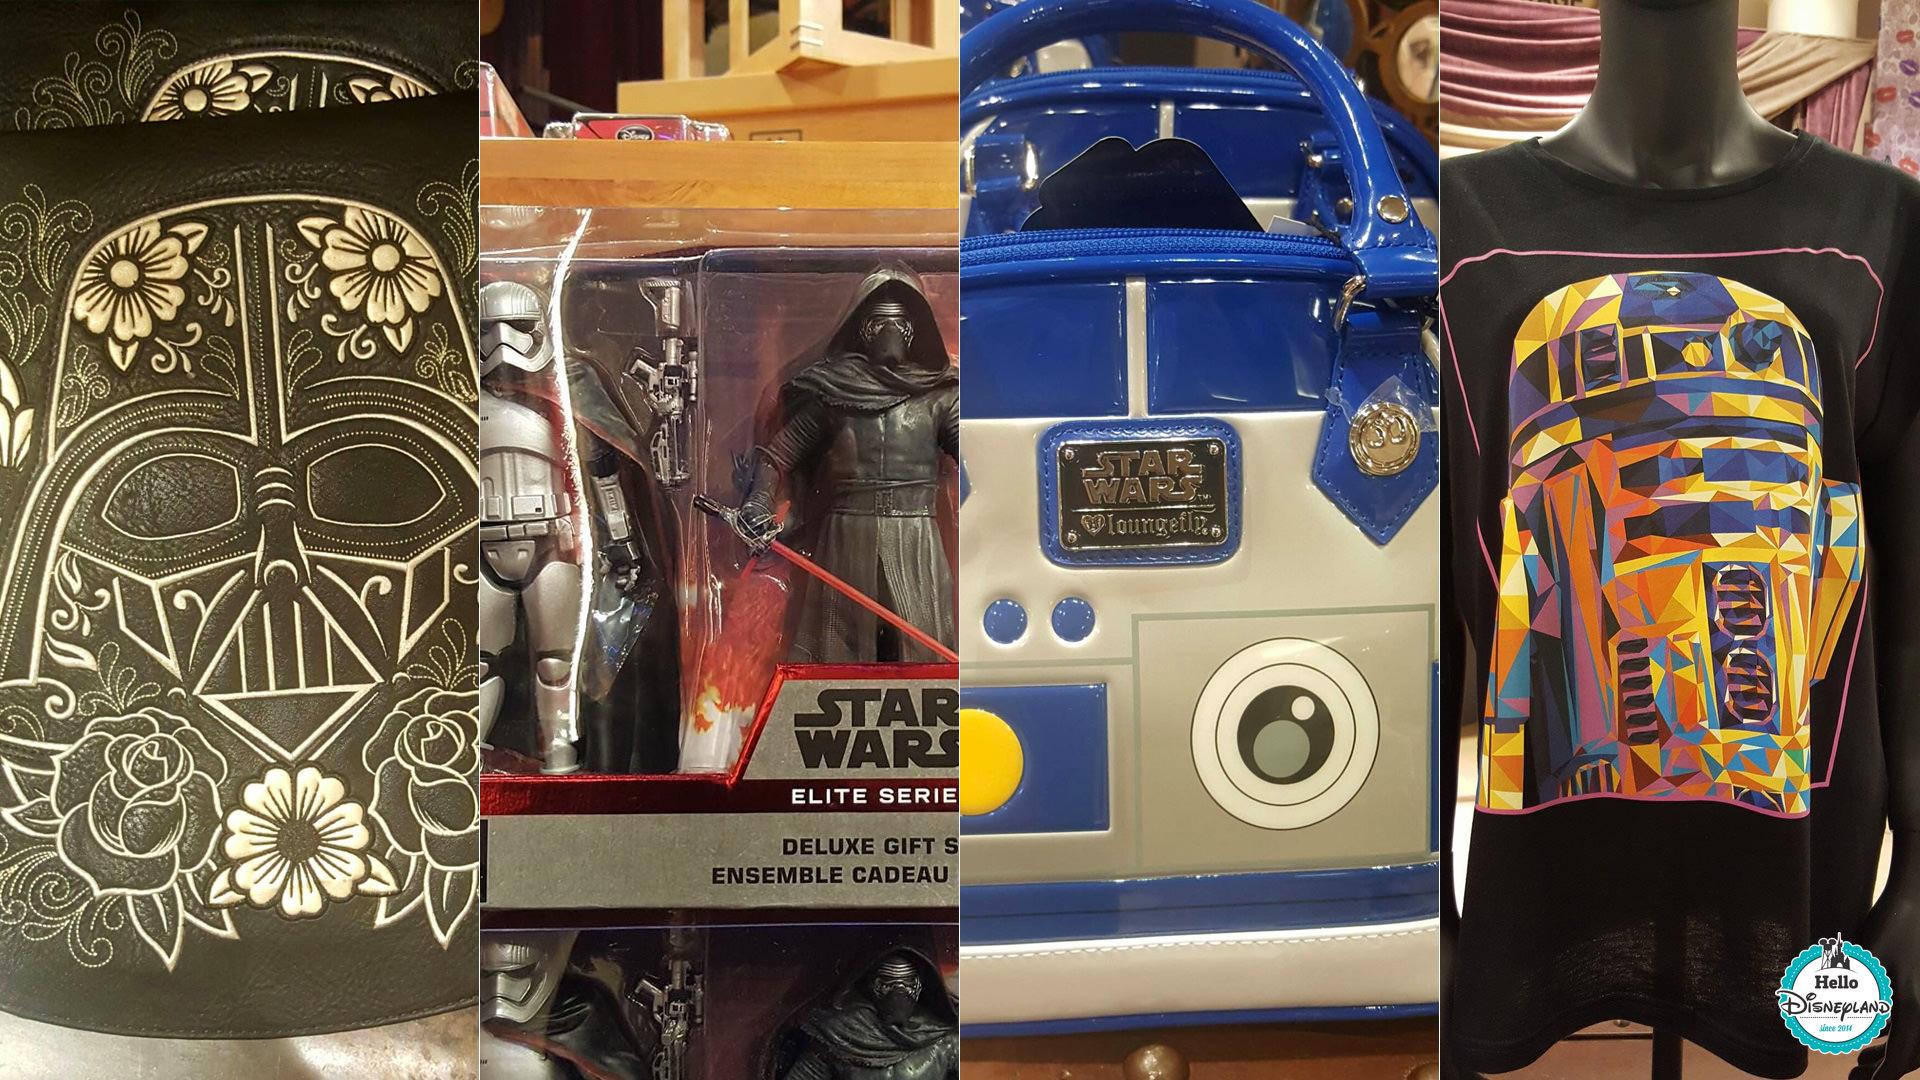 Star Wars Saison de la Force 2017 Disneyland Paris